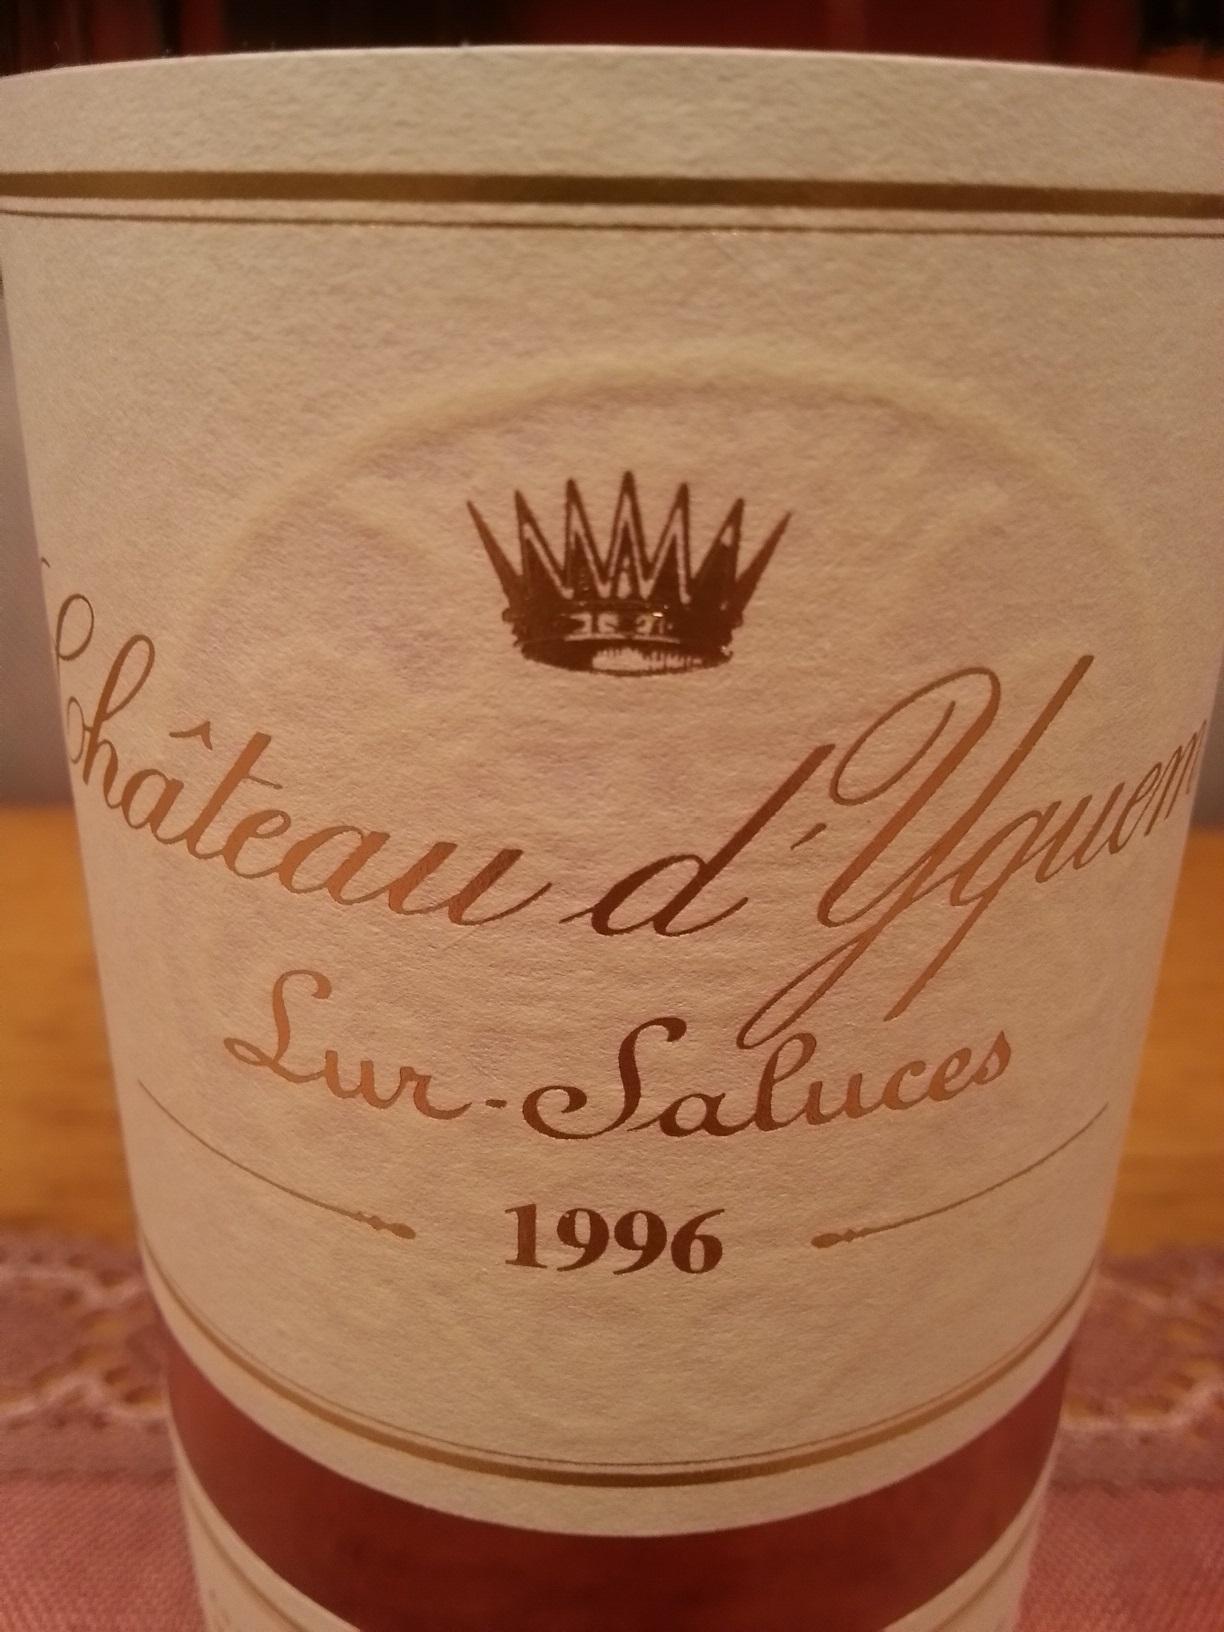 1996 Château d'Yquem | Château d'Yquem